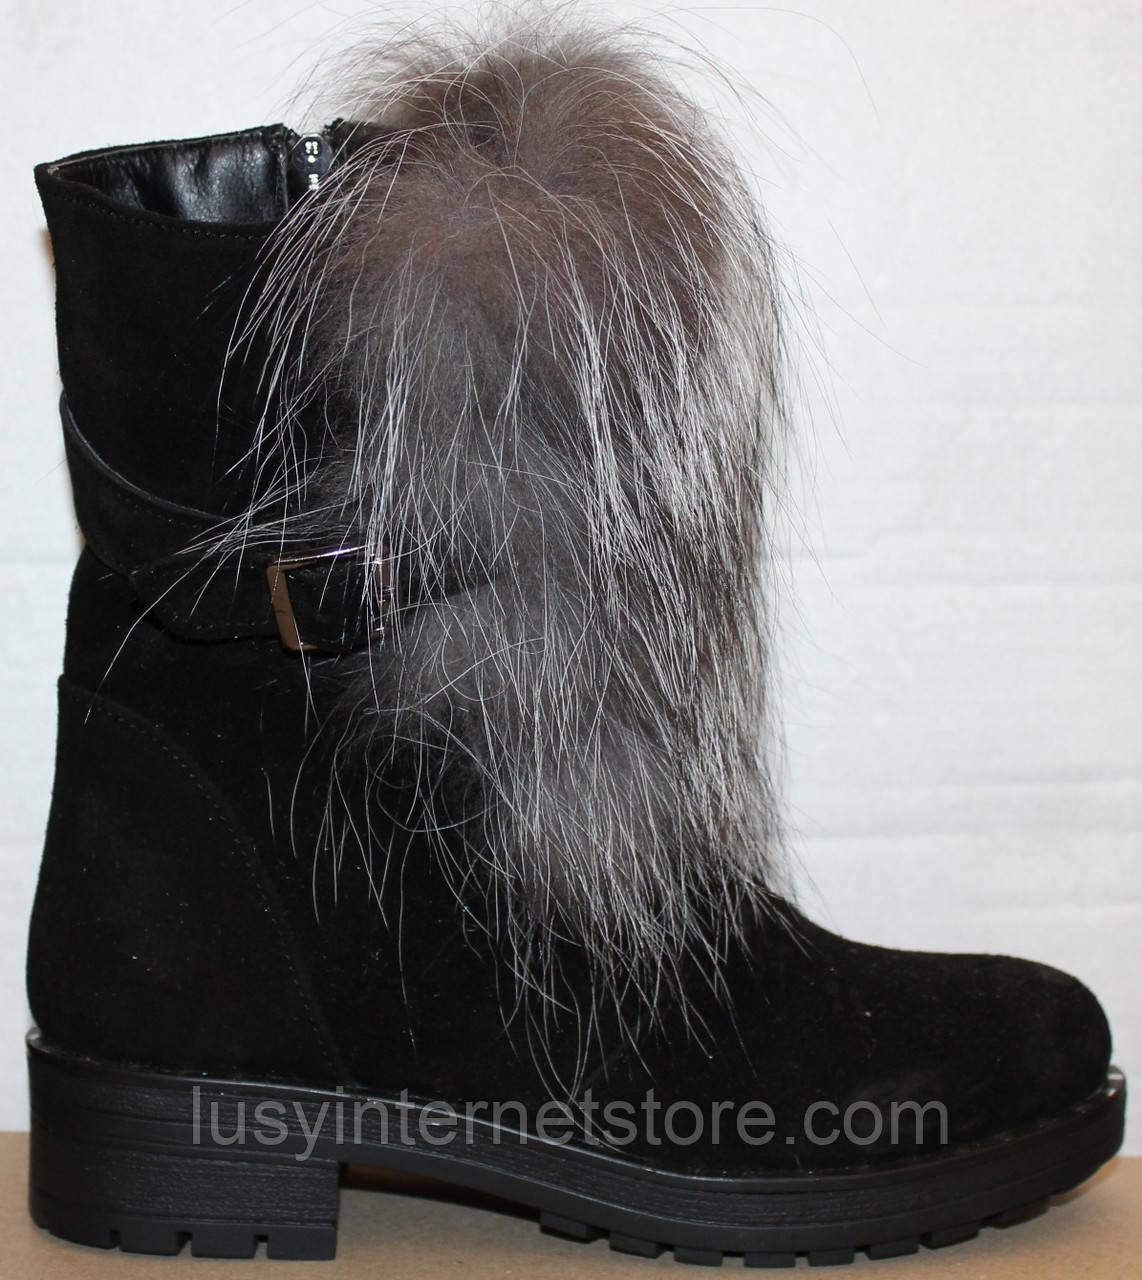 Ботинки молодежные женские с натуральным мехом на каблуке от производителя модель УН437